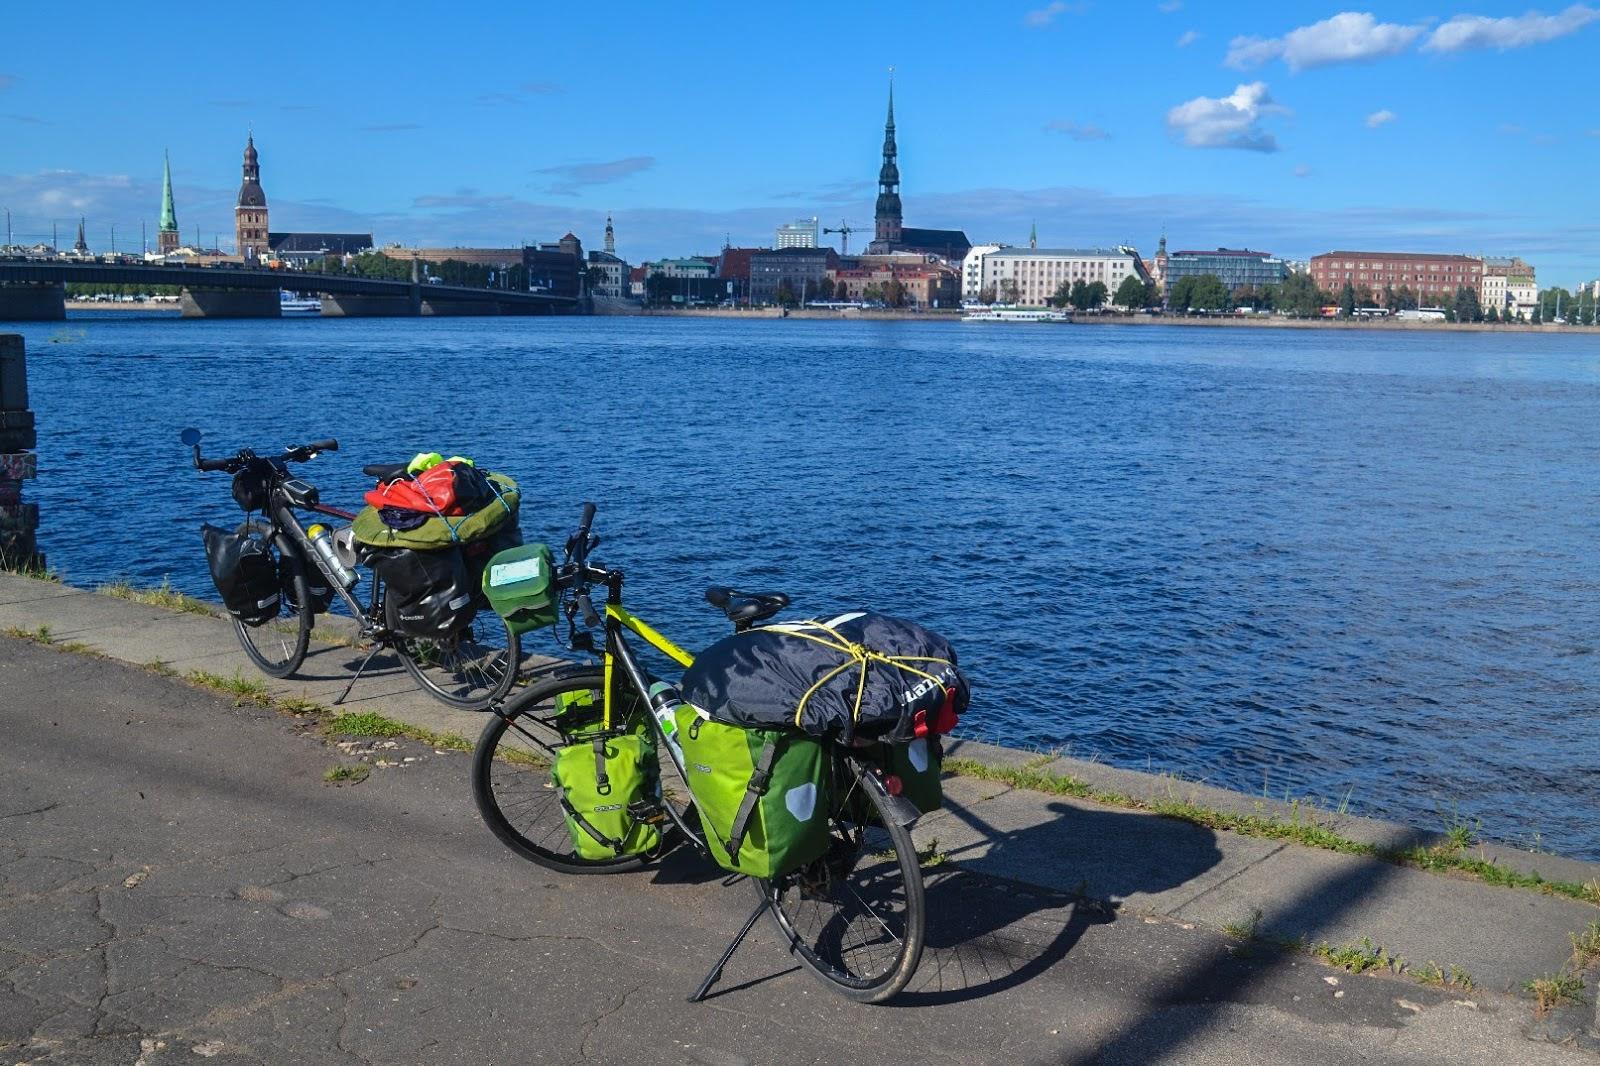 Wyprawa rowerowa wokół Bałtyku